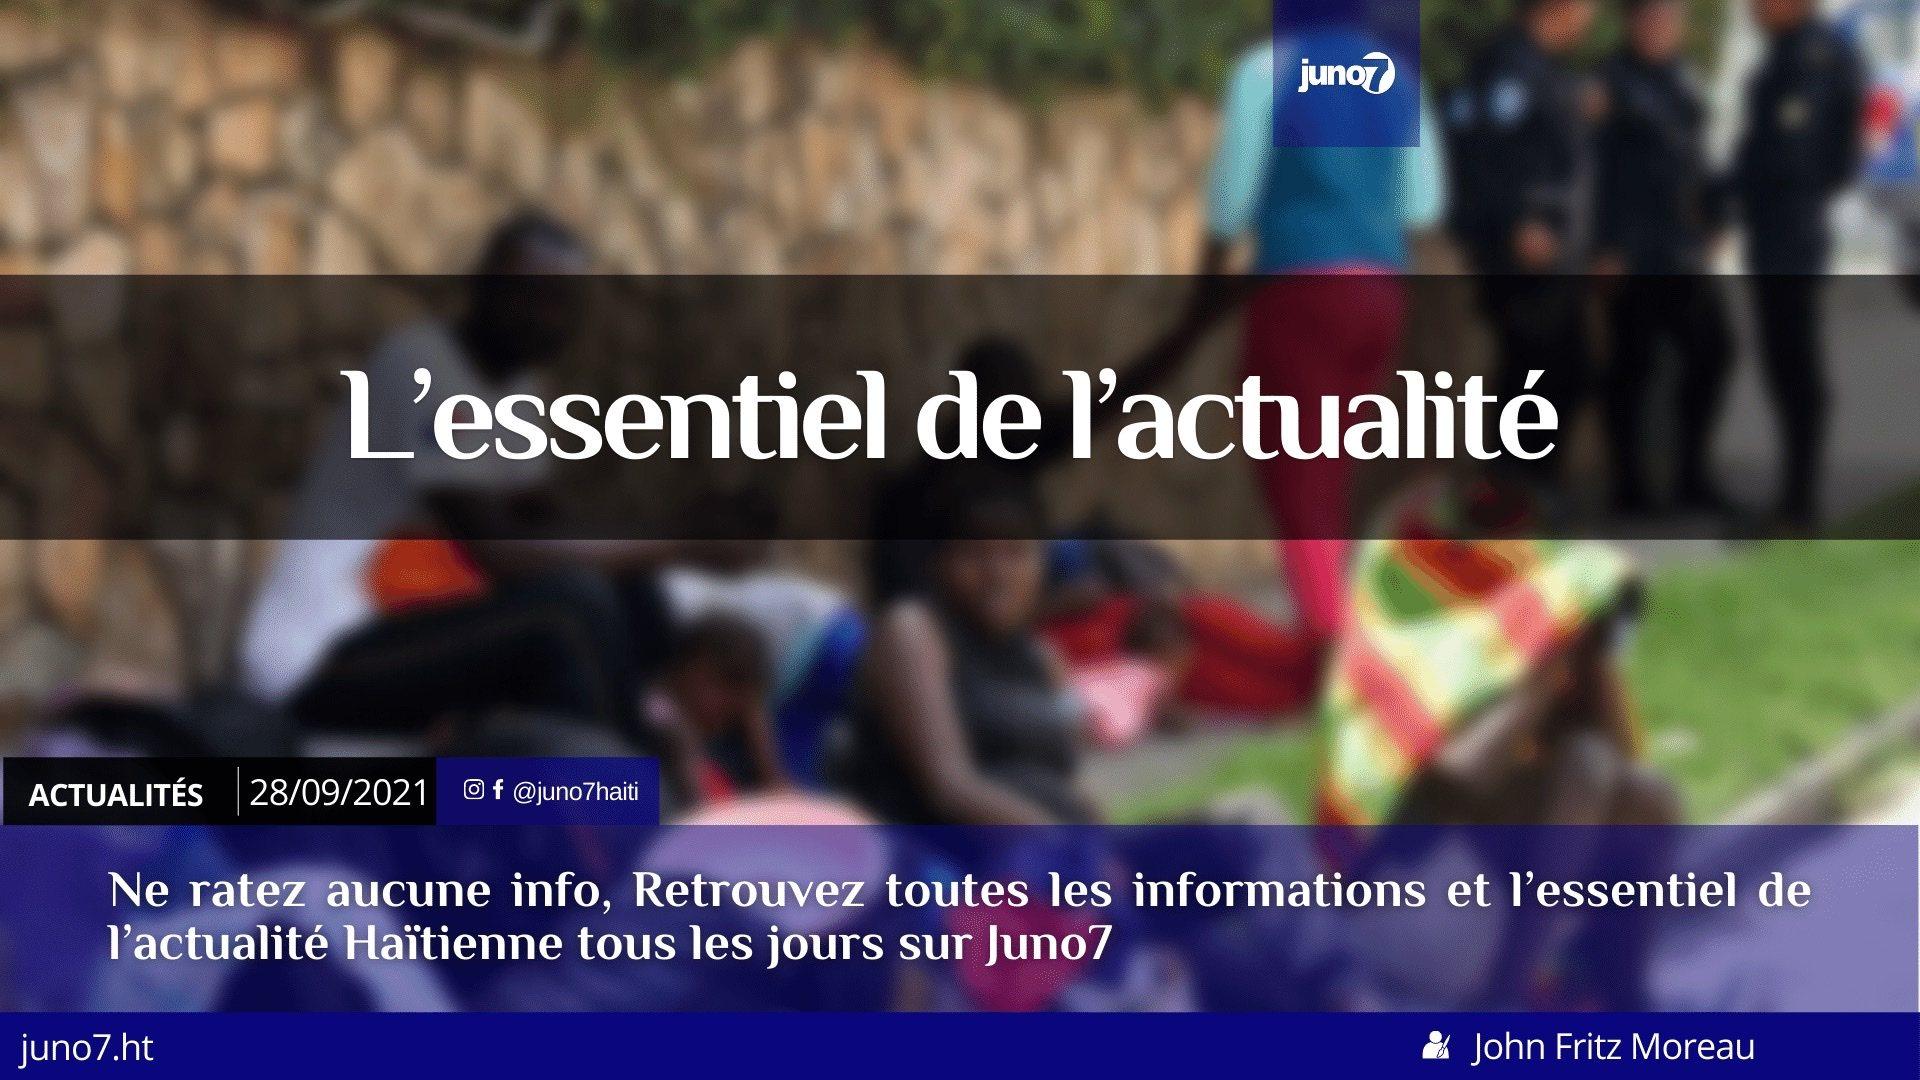 Haïti: l'essentiel de l'actualité du mardi 28 septembre 2021